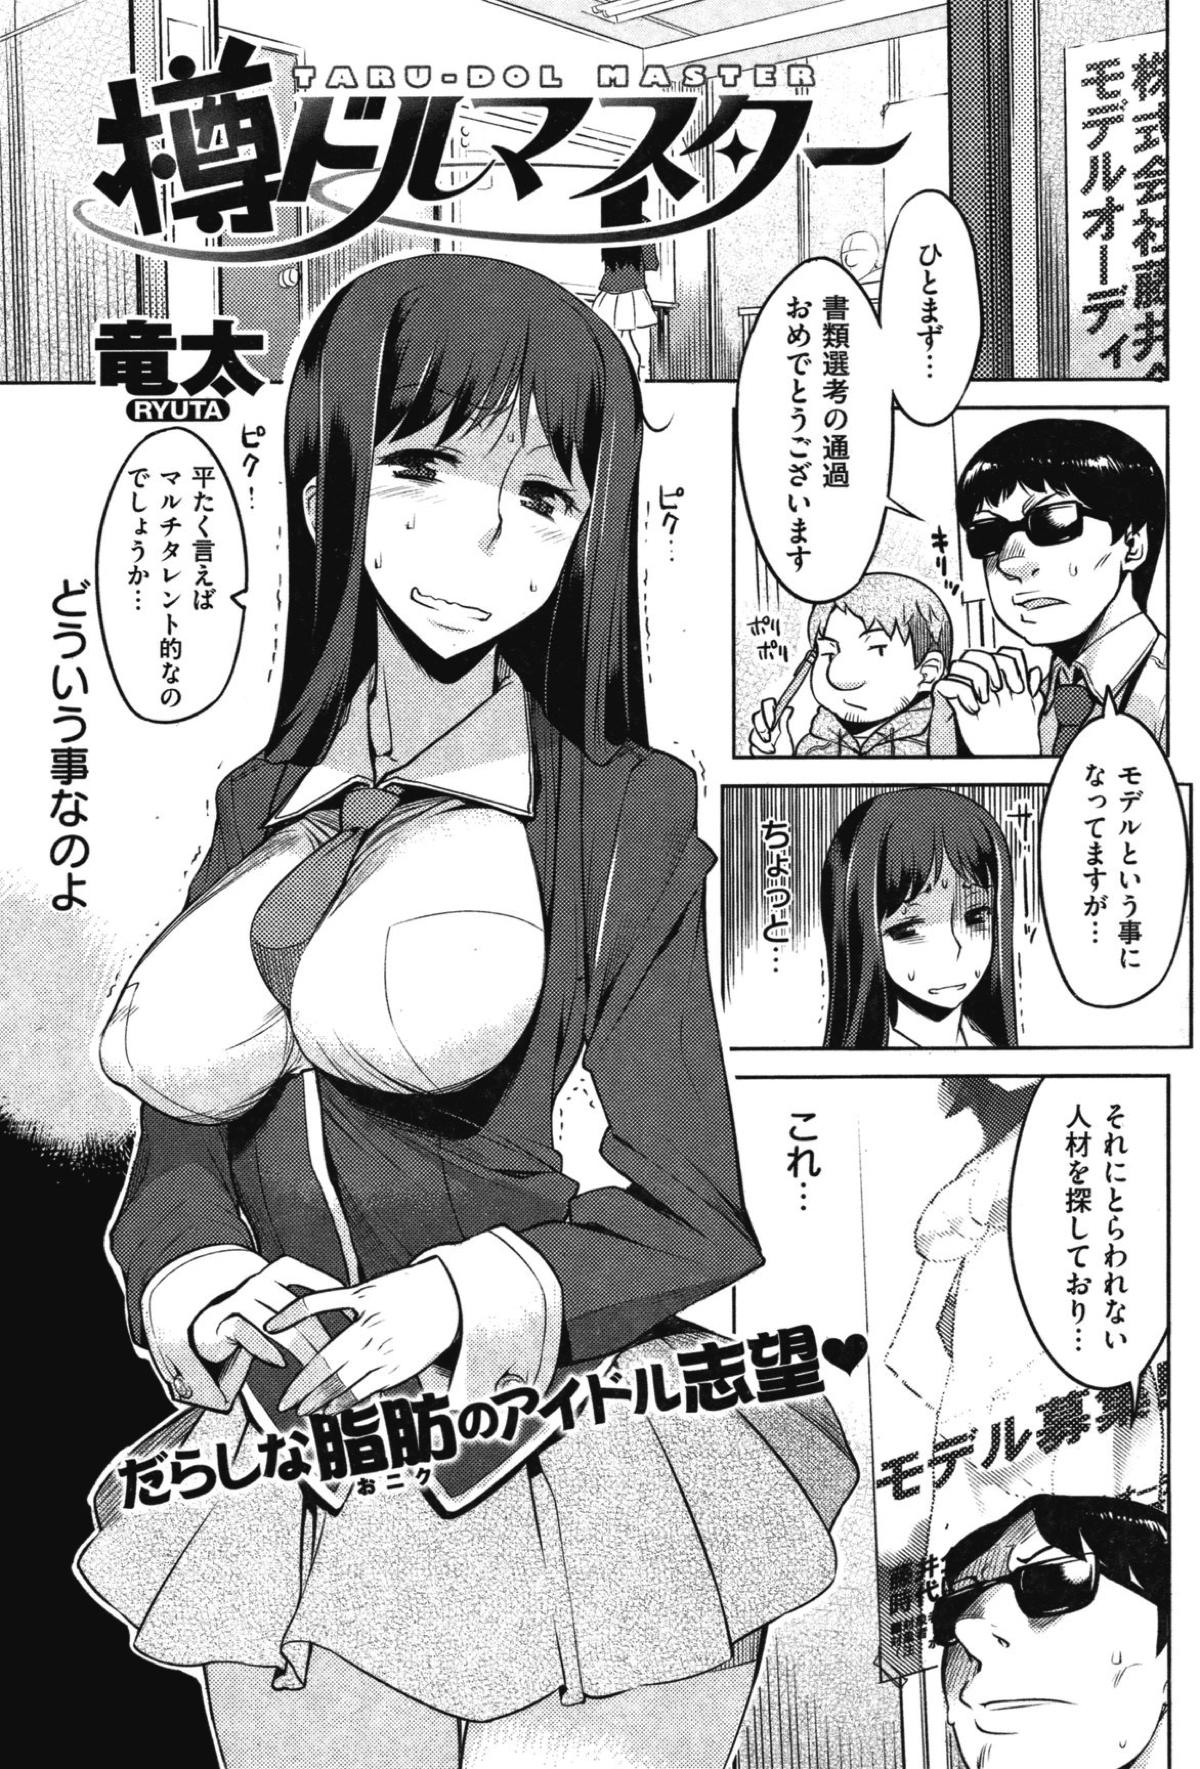 [竜太] 樽ドルマスター (1)